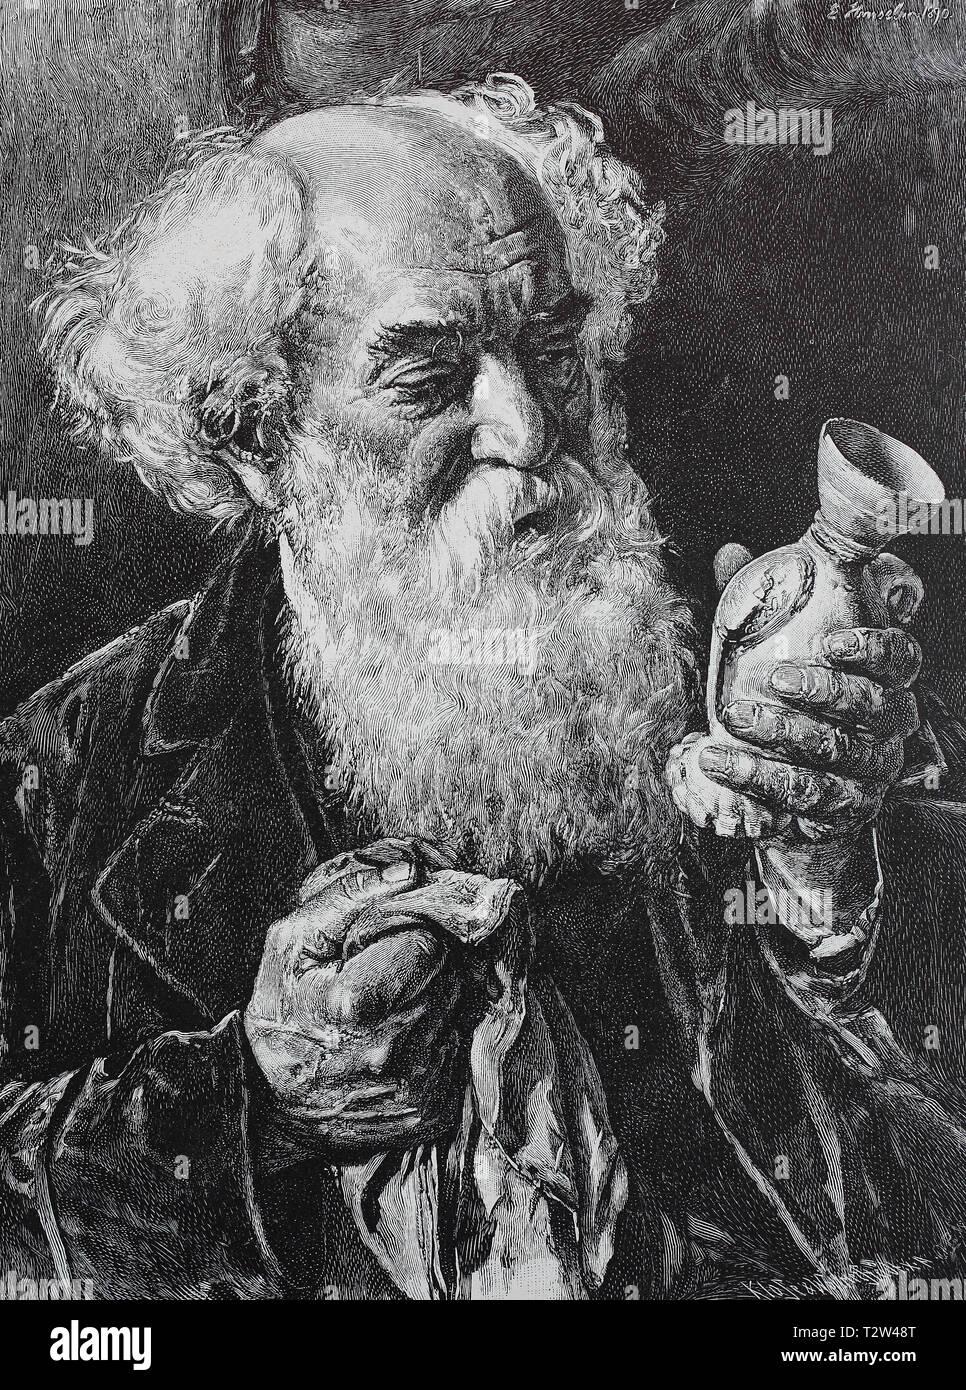 The collector, old man with full beard cleans a porcelain vase from his collection, Der Sammler, alter Mann mit Vollbart putzt eine Porzellanvase aus seiner Sammlung Stock Photo